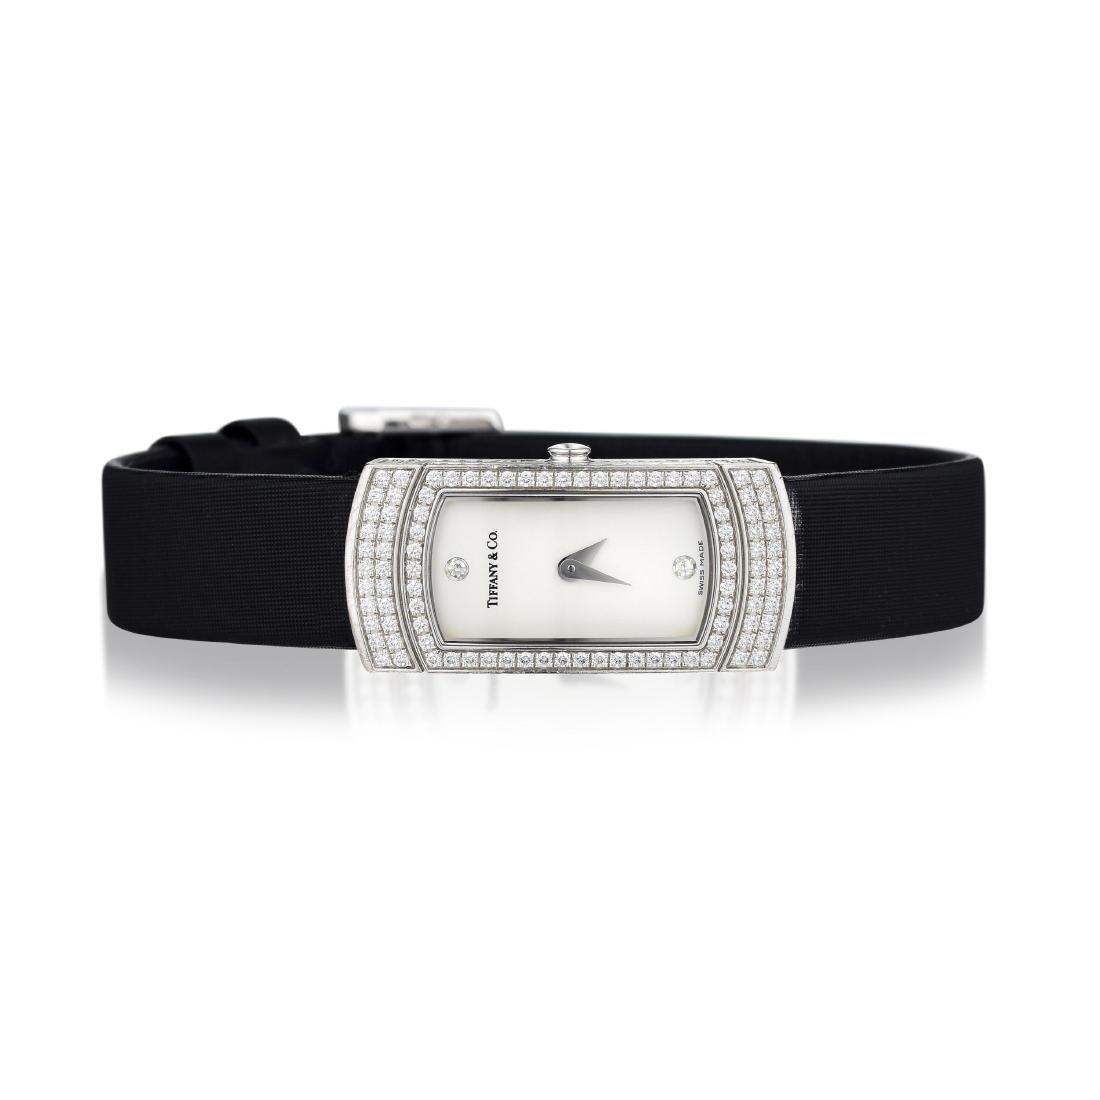 Tiffany & Co. Diamond Cocktail Watch